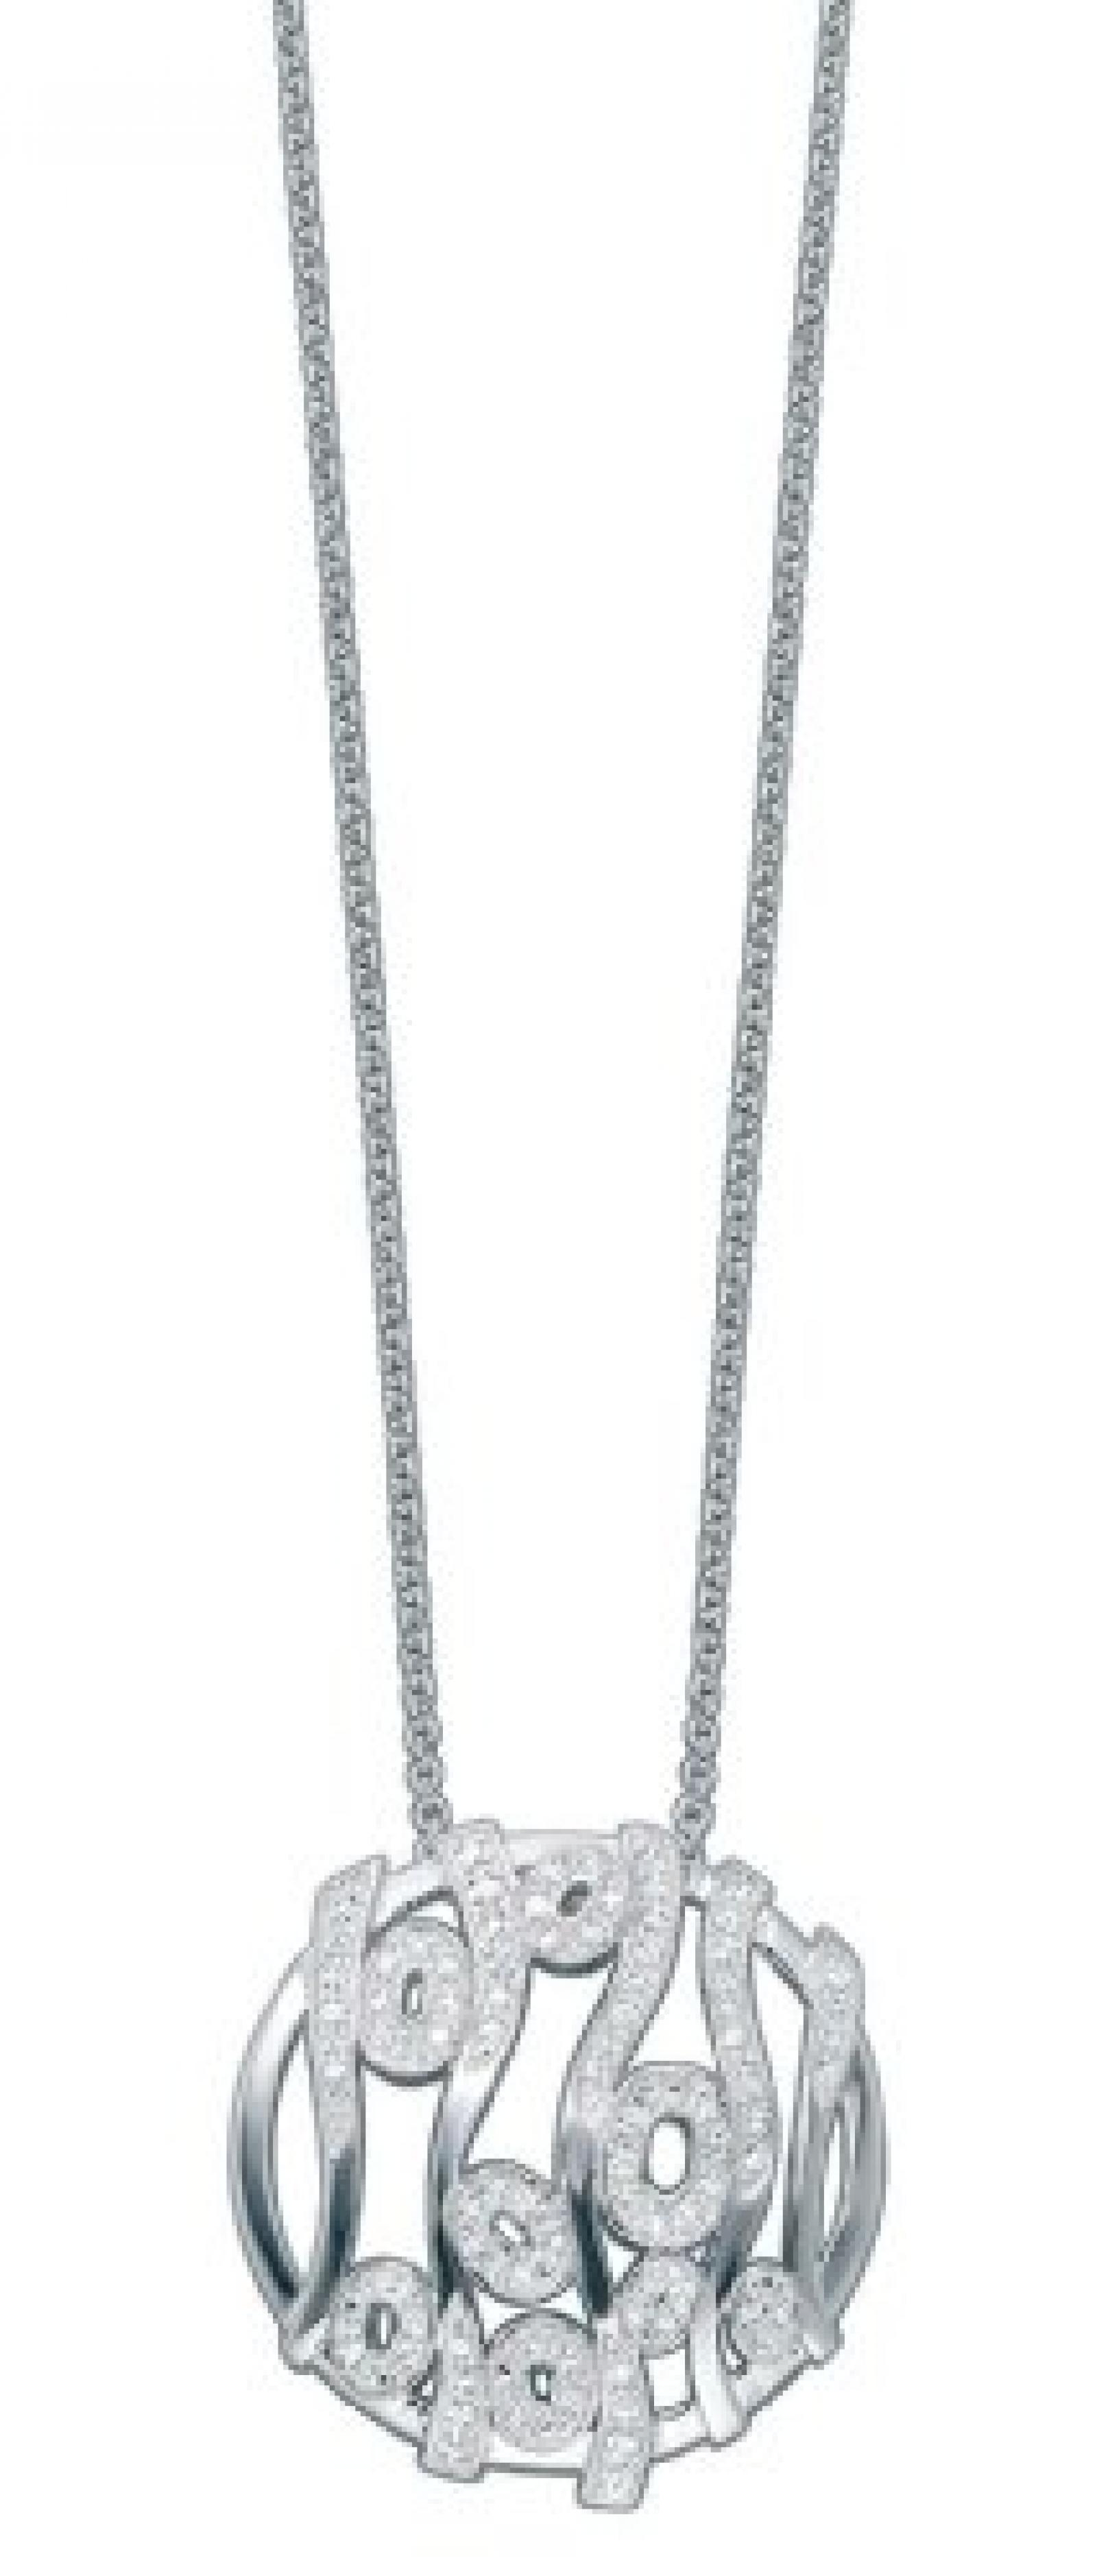 Pierre Cardin  Damen-Collier Sterling-Silber 925 45cm 4413369